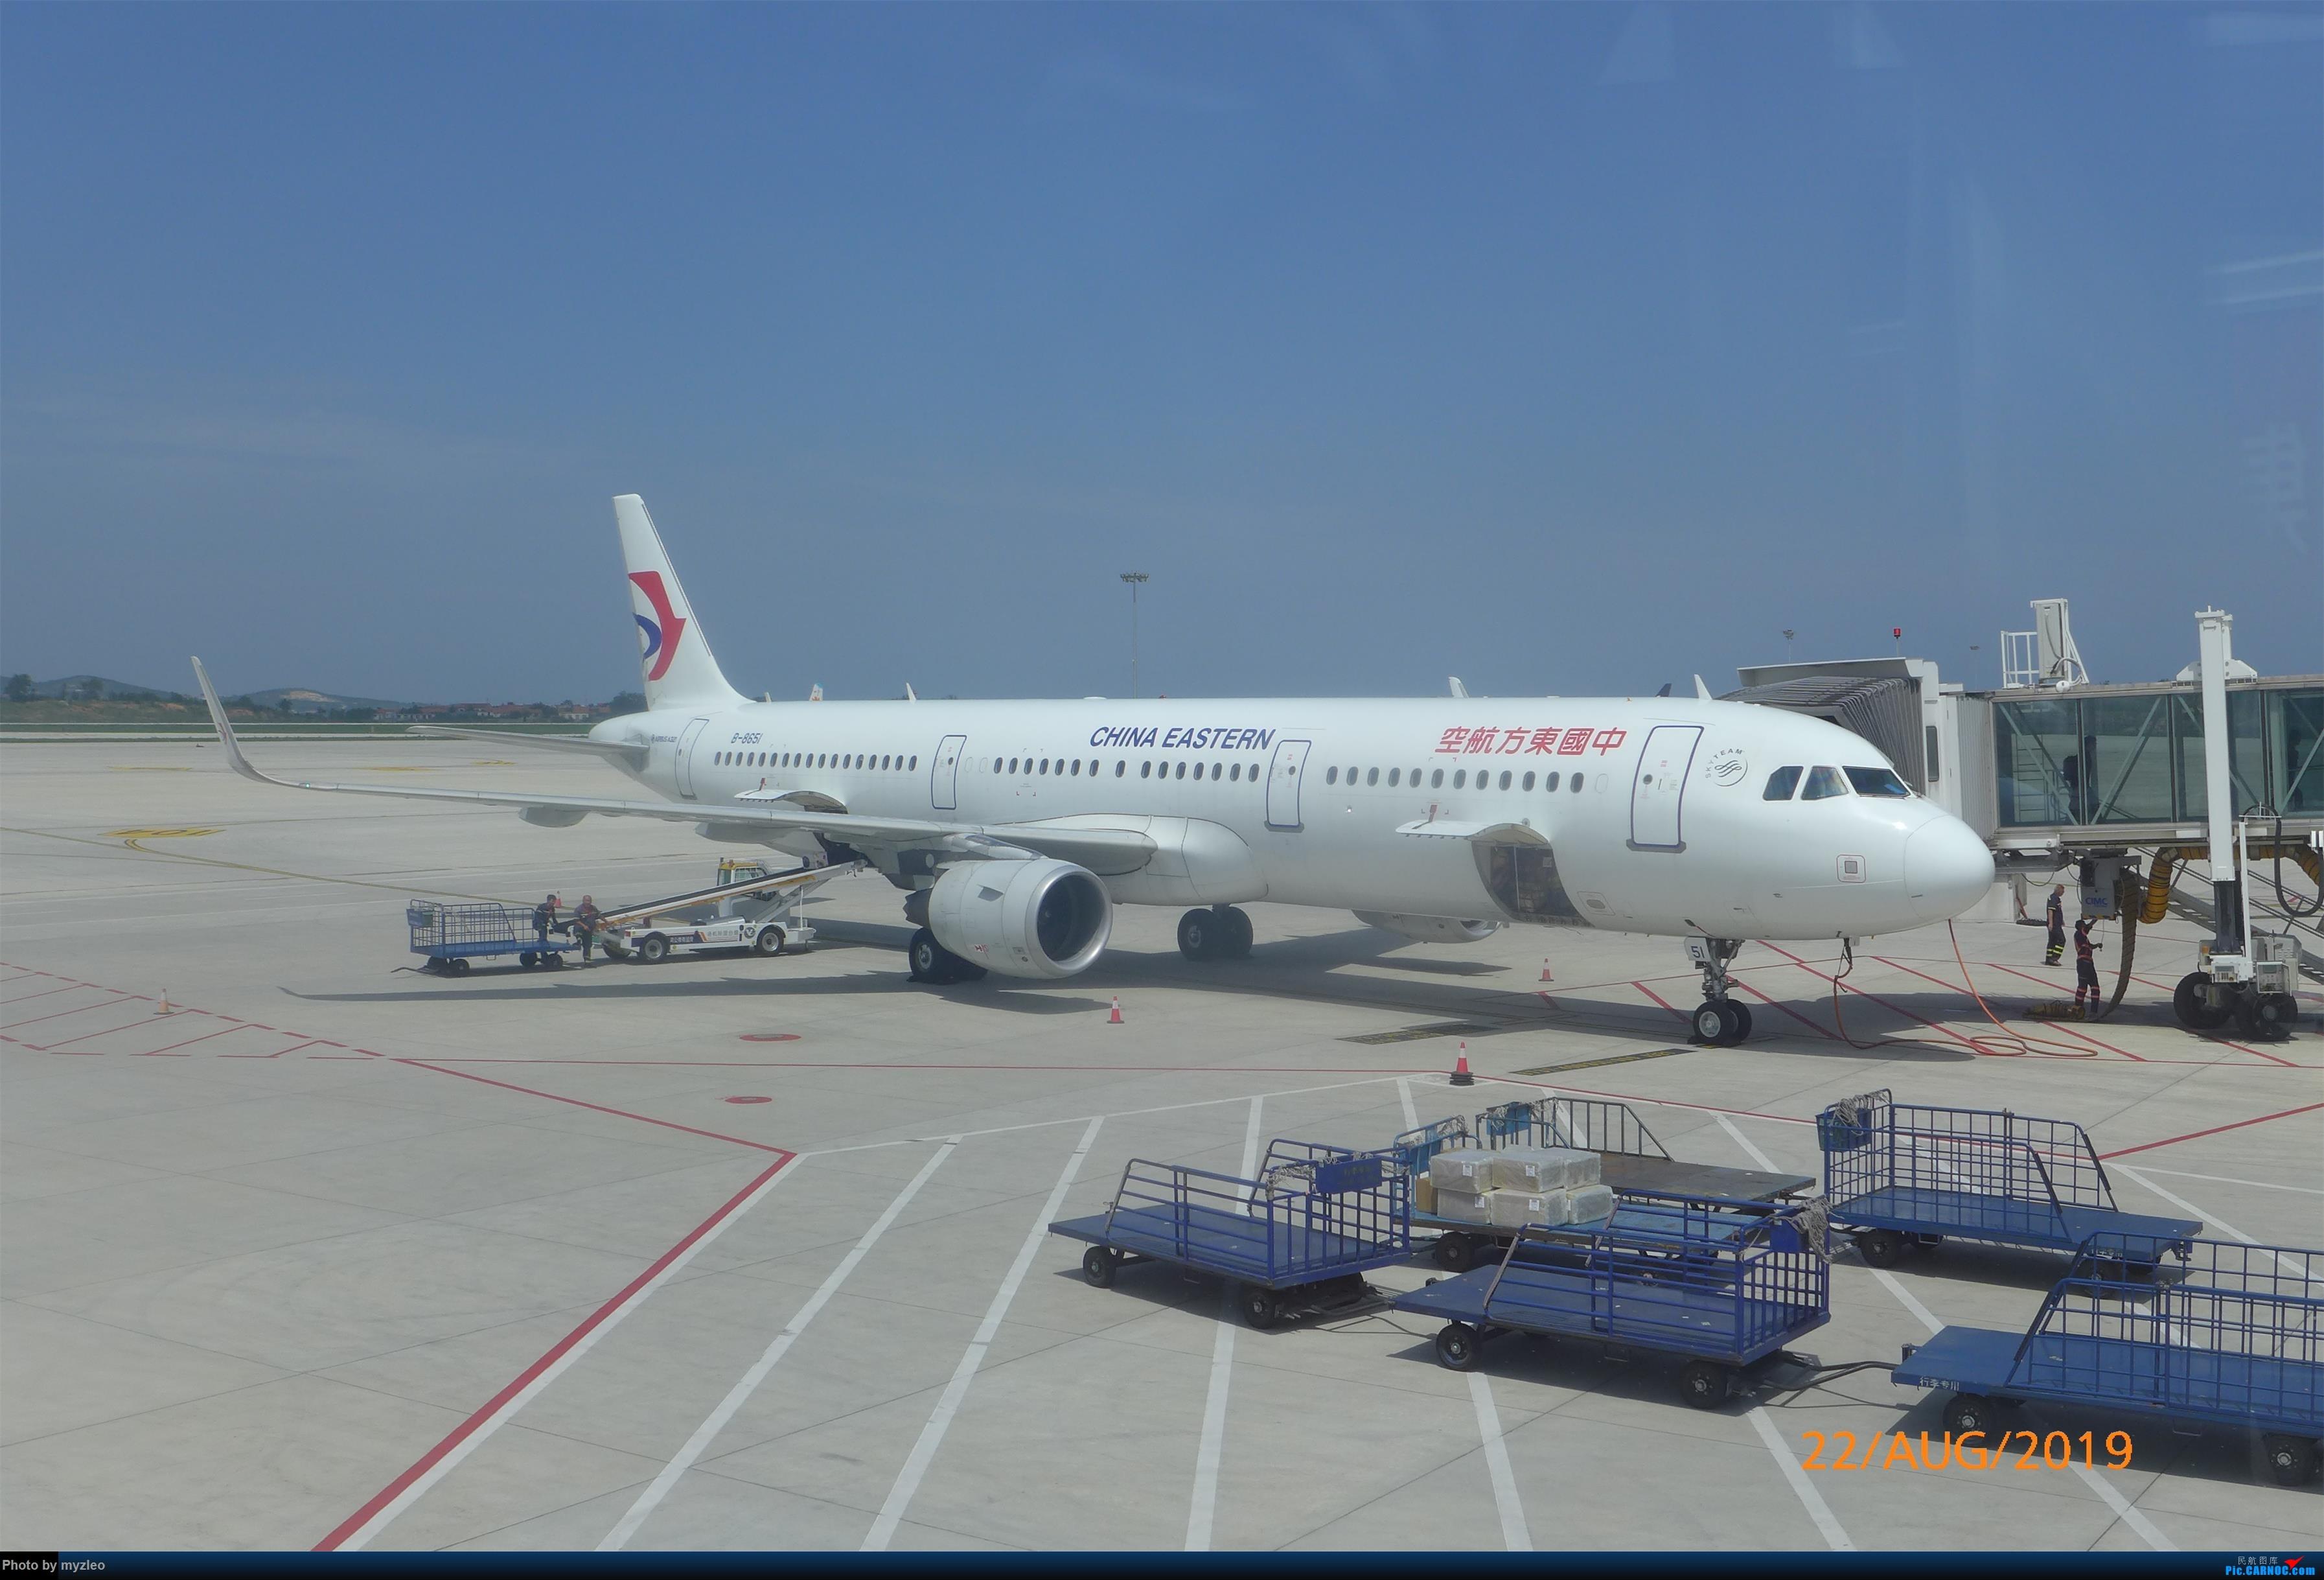 Re:[原创]【myzleo的游记5.2】梦圆一九(2)首访南苑把梦圆,初搭巴航连新缘 AIRBUS A321-200 B-8651 中国北京南苑机场